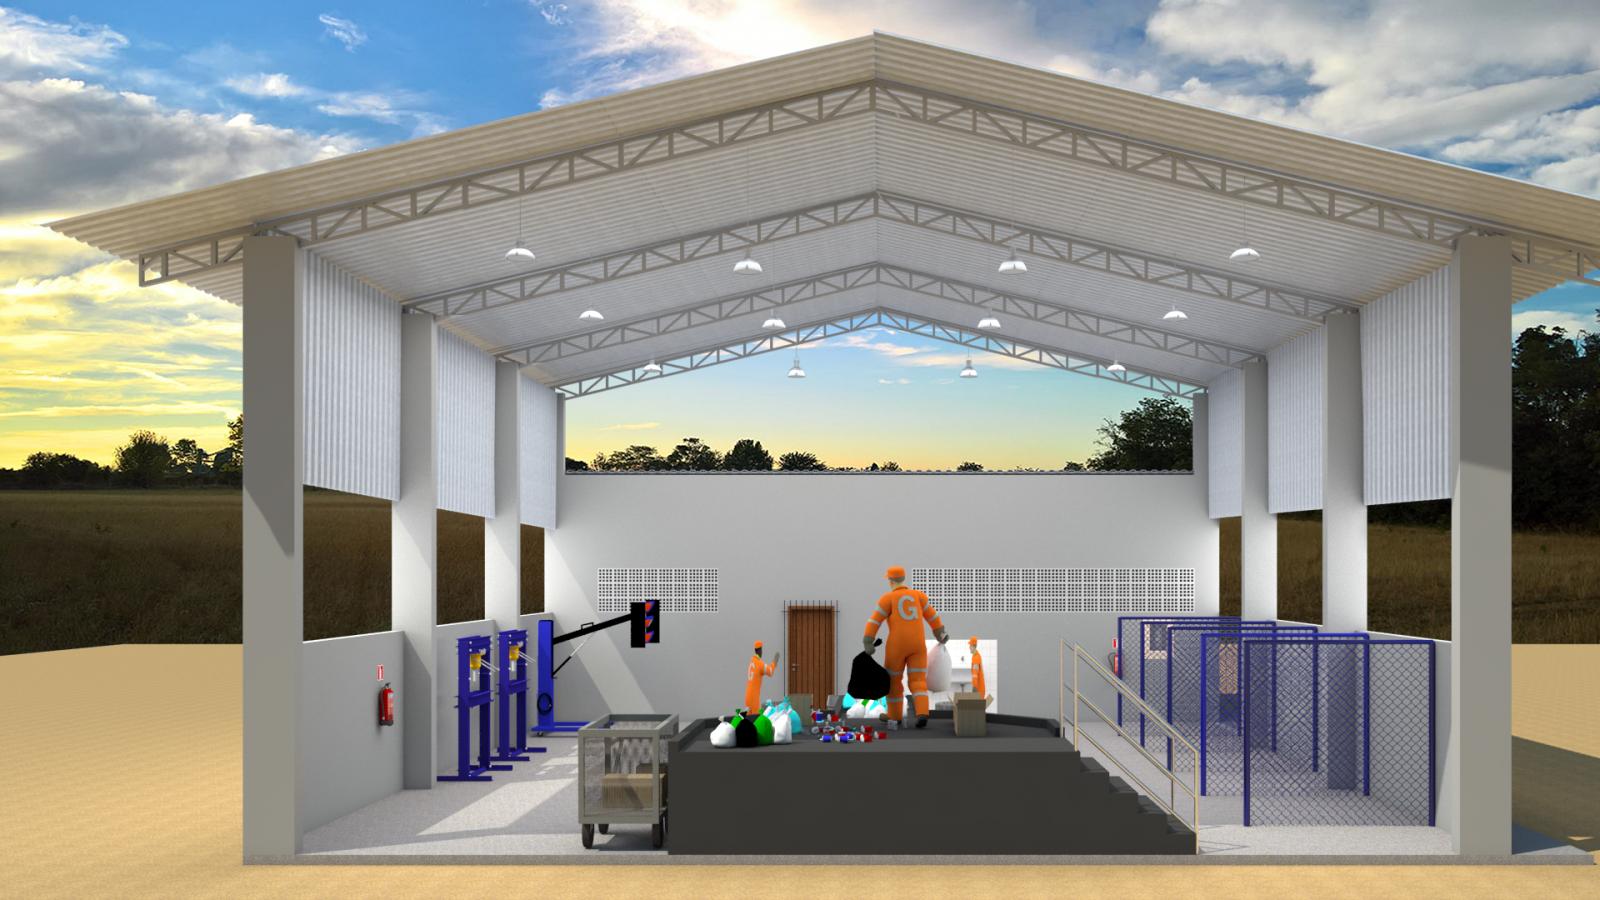 Assinatura de Ordem de Serviço autoriza a construção de um galpão para triagem de materiais recicláveis em Itarana